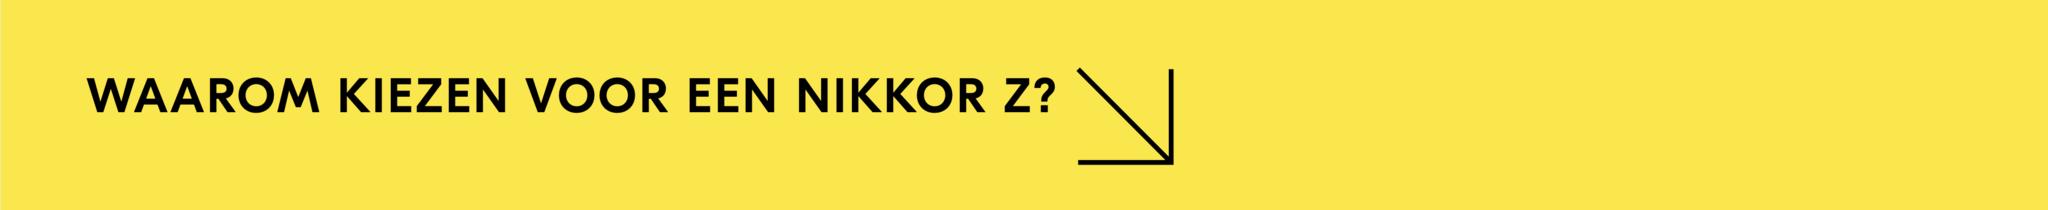 Waarom kiezen voor Nikon Z?